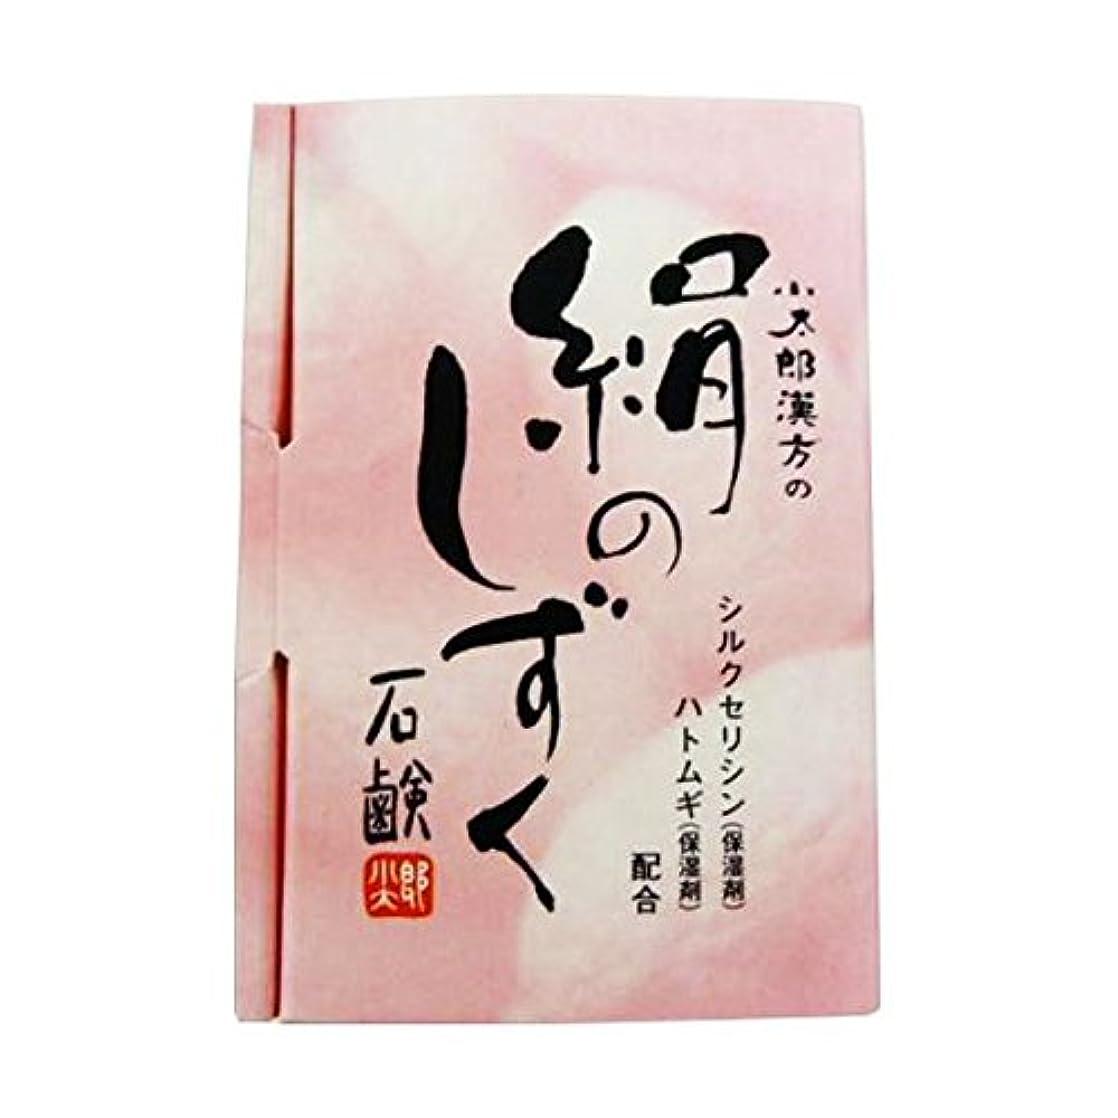 パスタ猫背サラダ【小太郎漢方製薬】絹のしずく石鹸 80g ×3個セット